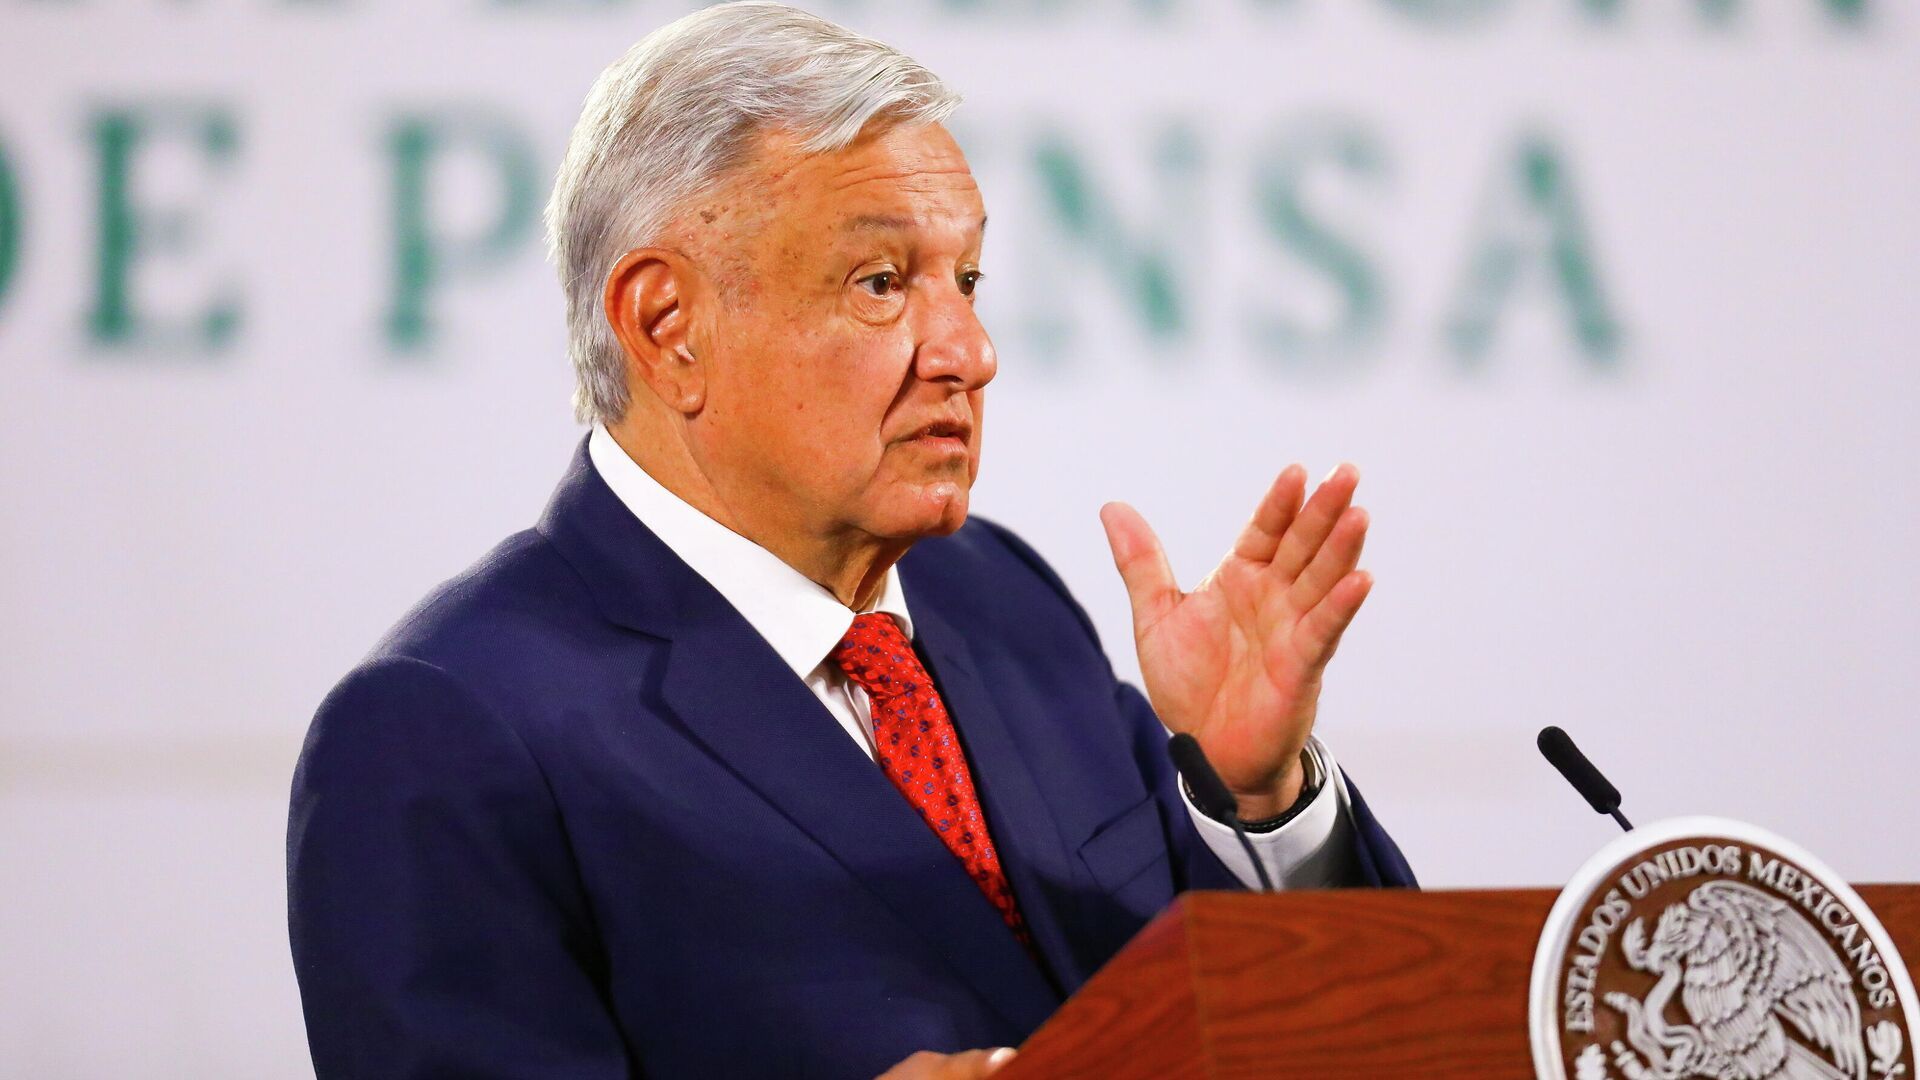 Andrés Manuel López Obrador, presidente de México - Sputnik Mundo, 1920, 29.03.2021